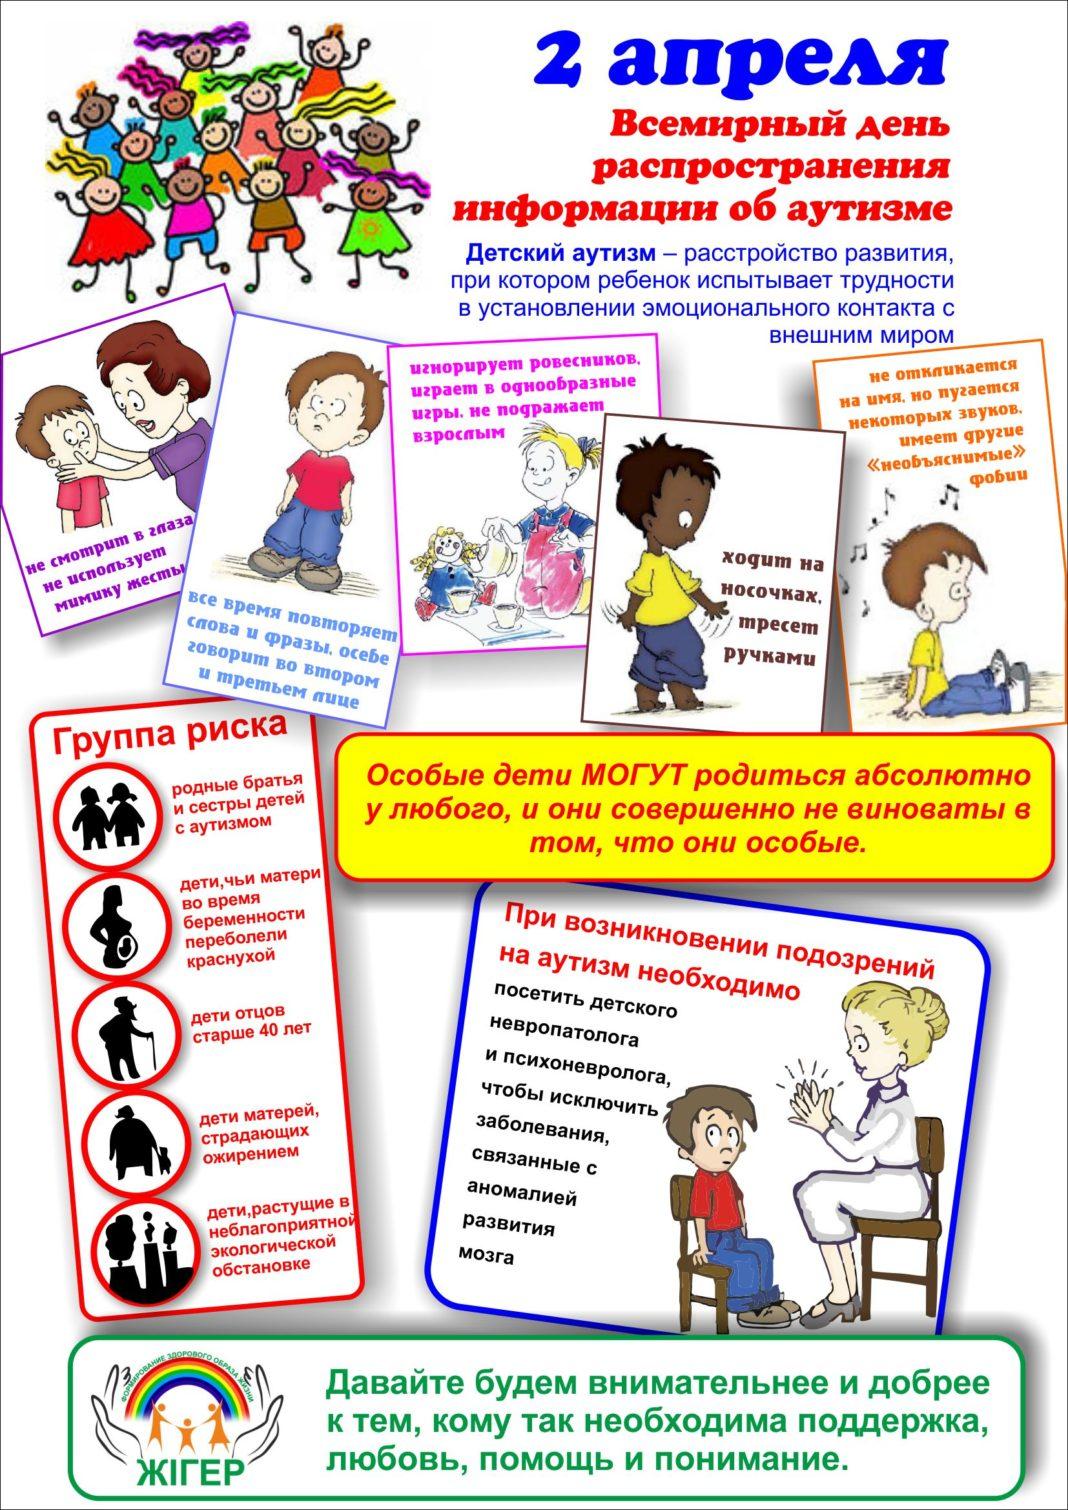 Всемирный день распространения информации об аутизме.